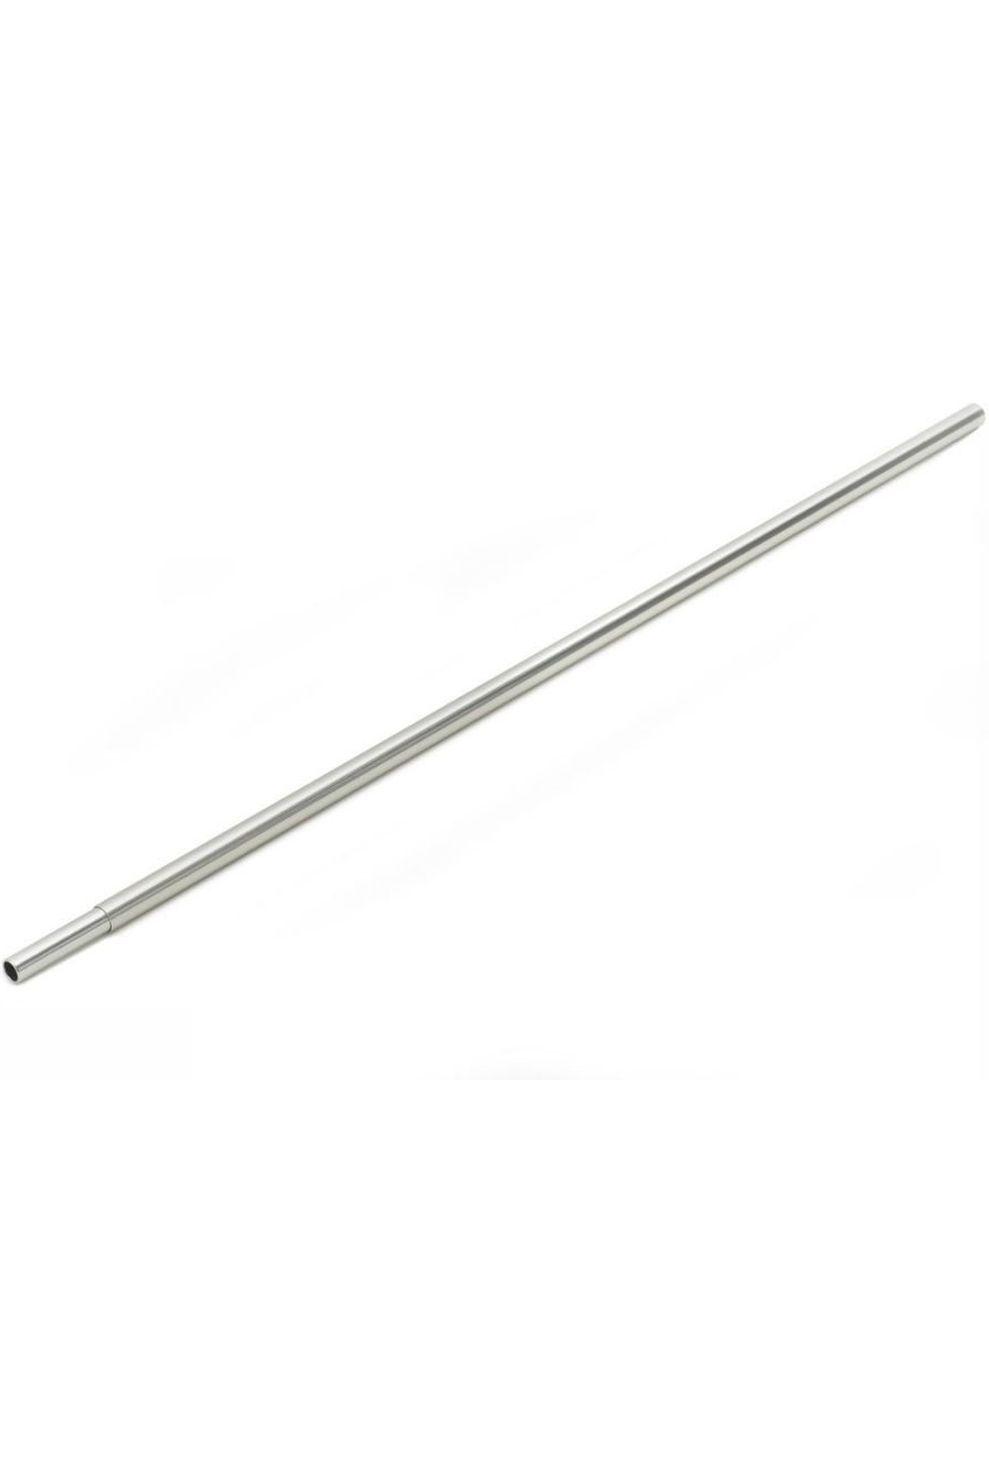 VAUDE Tentstok 11 mm (Al7001) X 55 cm - Grijs